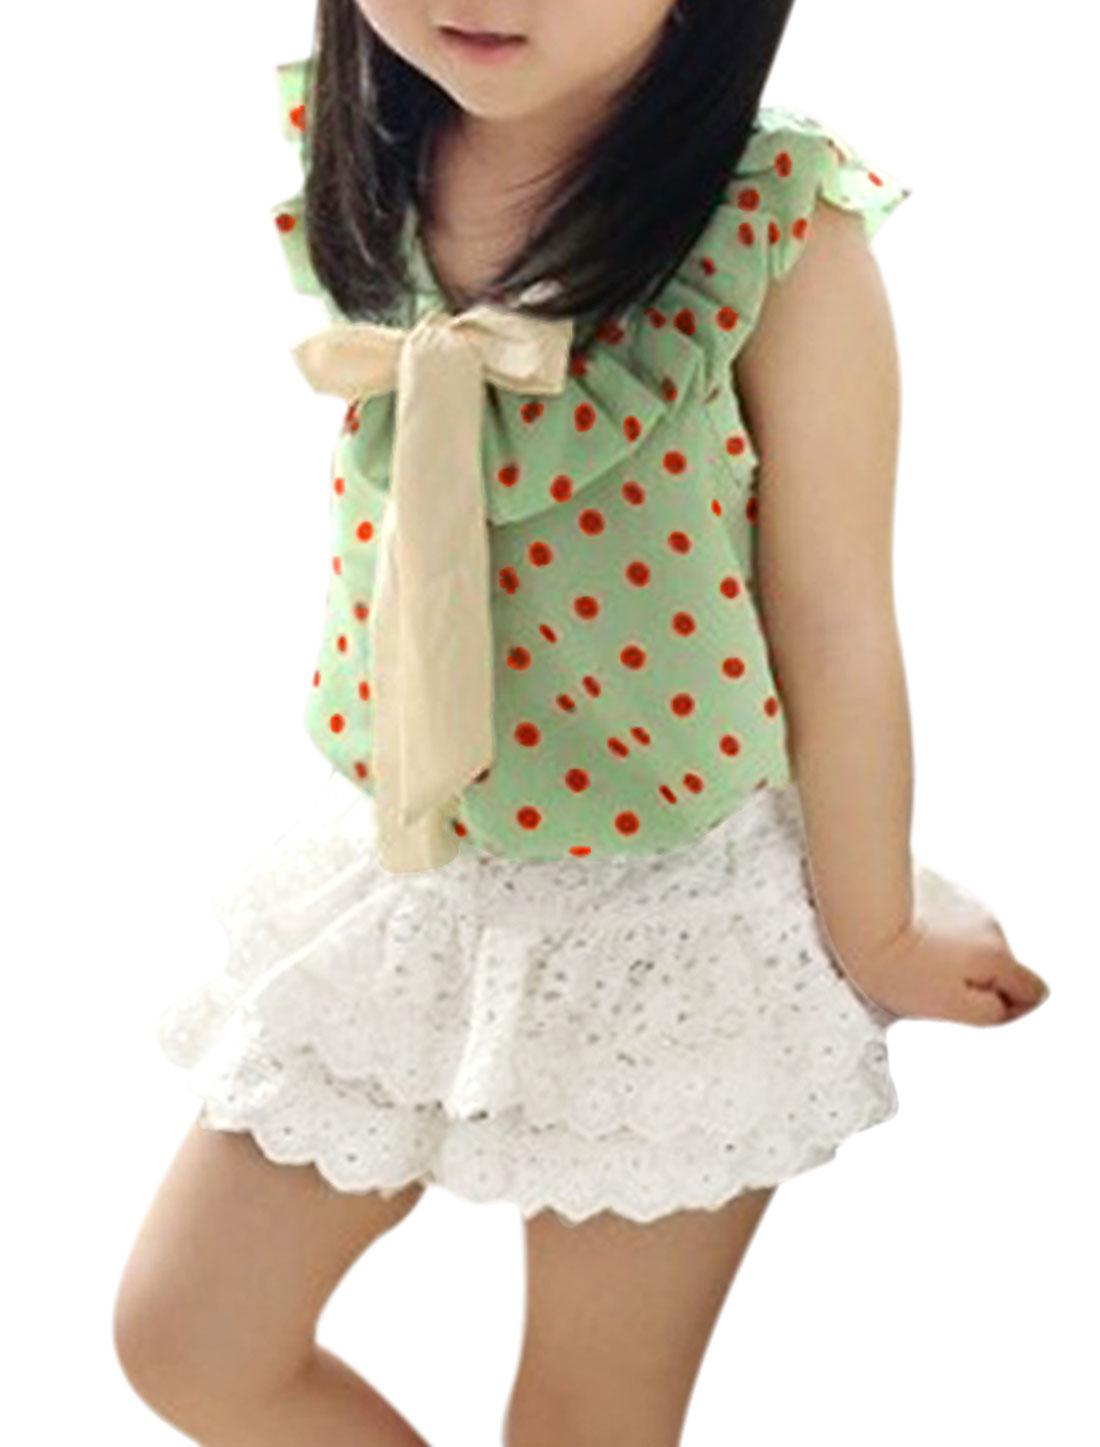 Girls Cute Sleeveless Dotted Blouse w Crochet Skort US Size 6 Light Green White